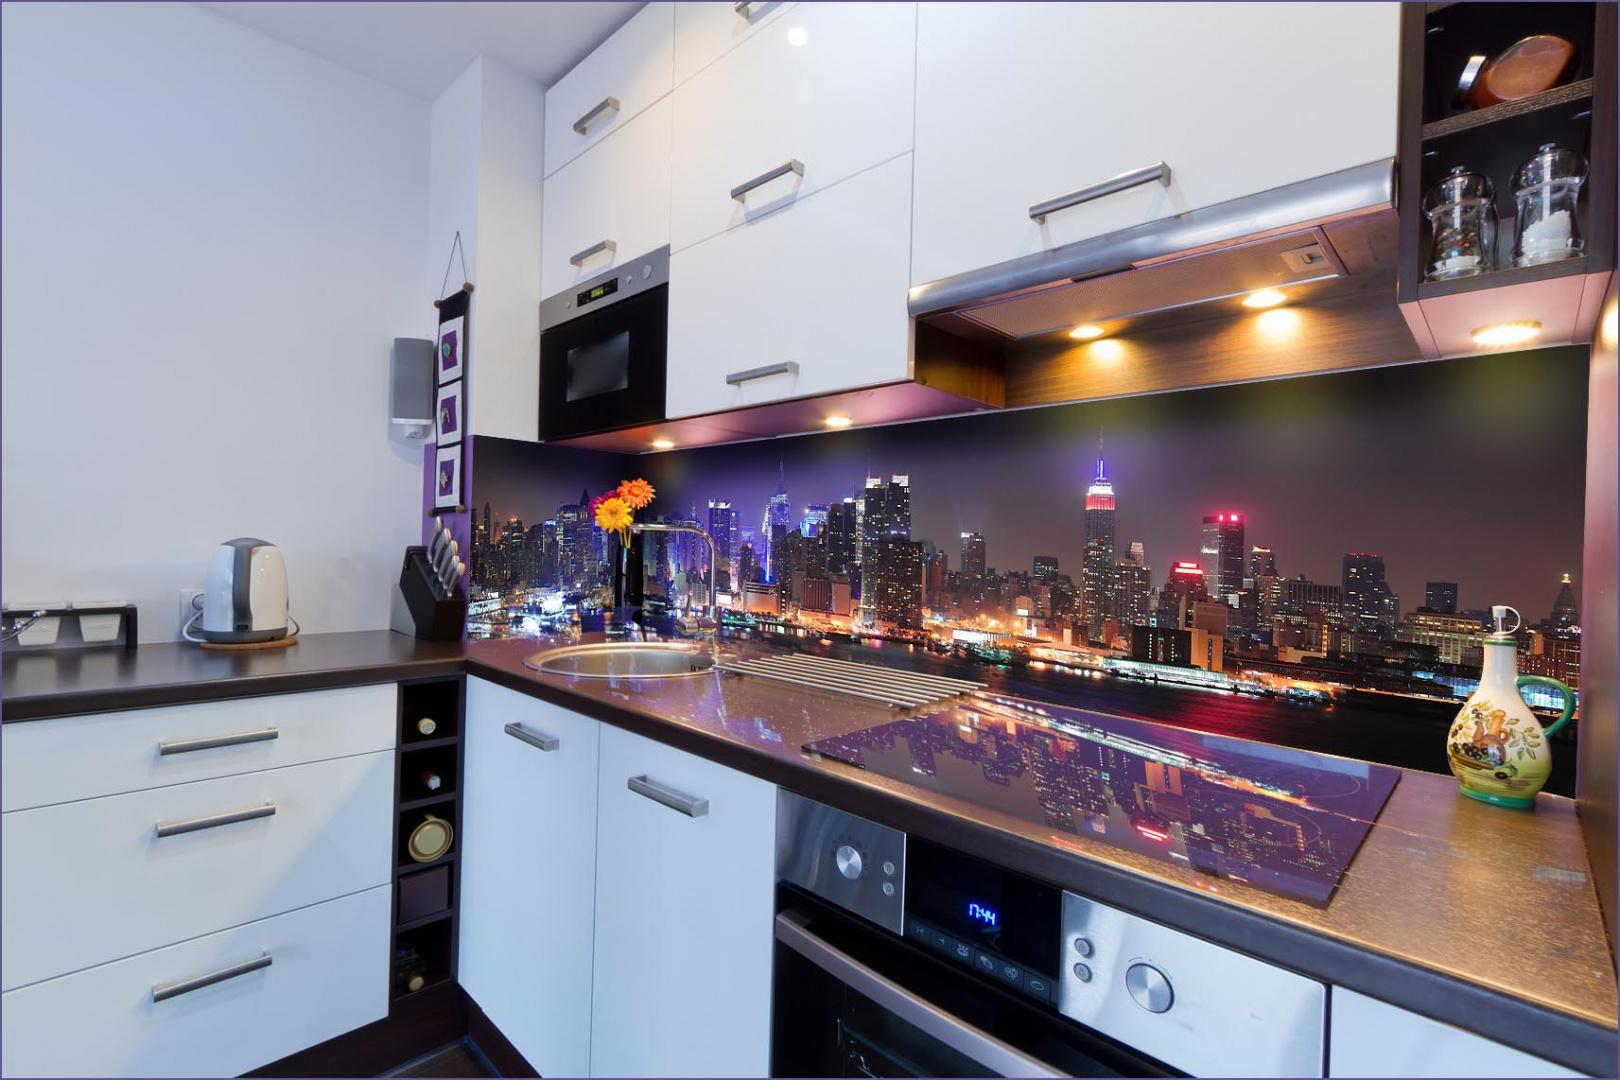 Krajobraz wielkiego miasta nocą efektownie odcina się od jasnych mebli kuchennych. Fot. Grafdeco.